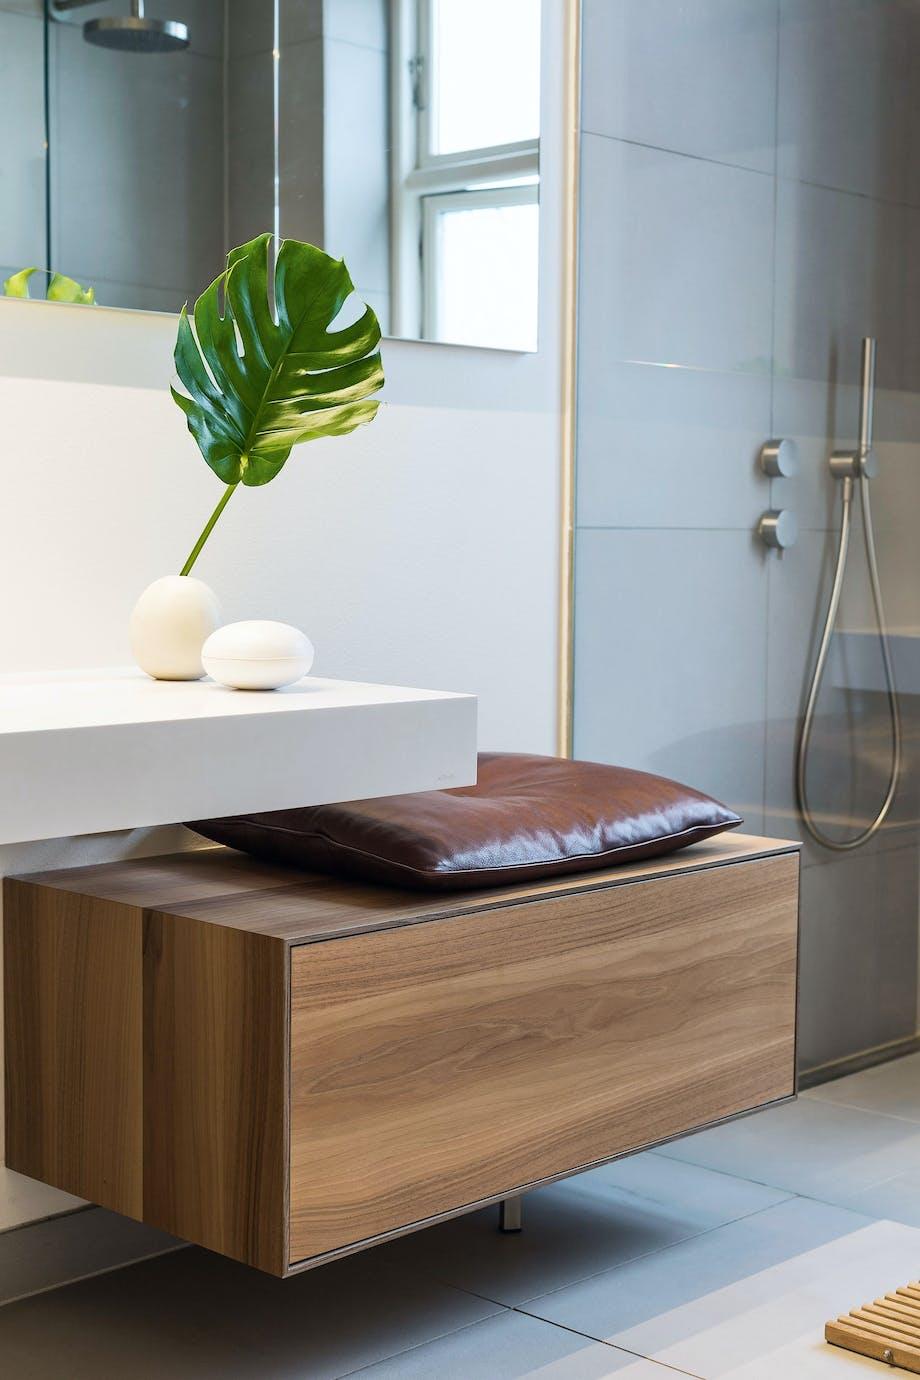 Bænk på badeværelset med tilhørende læderpude